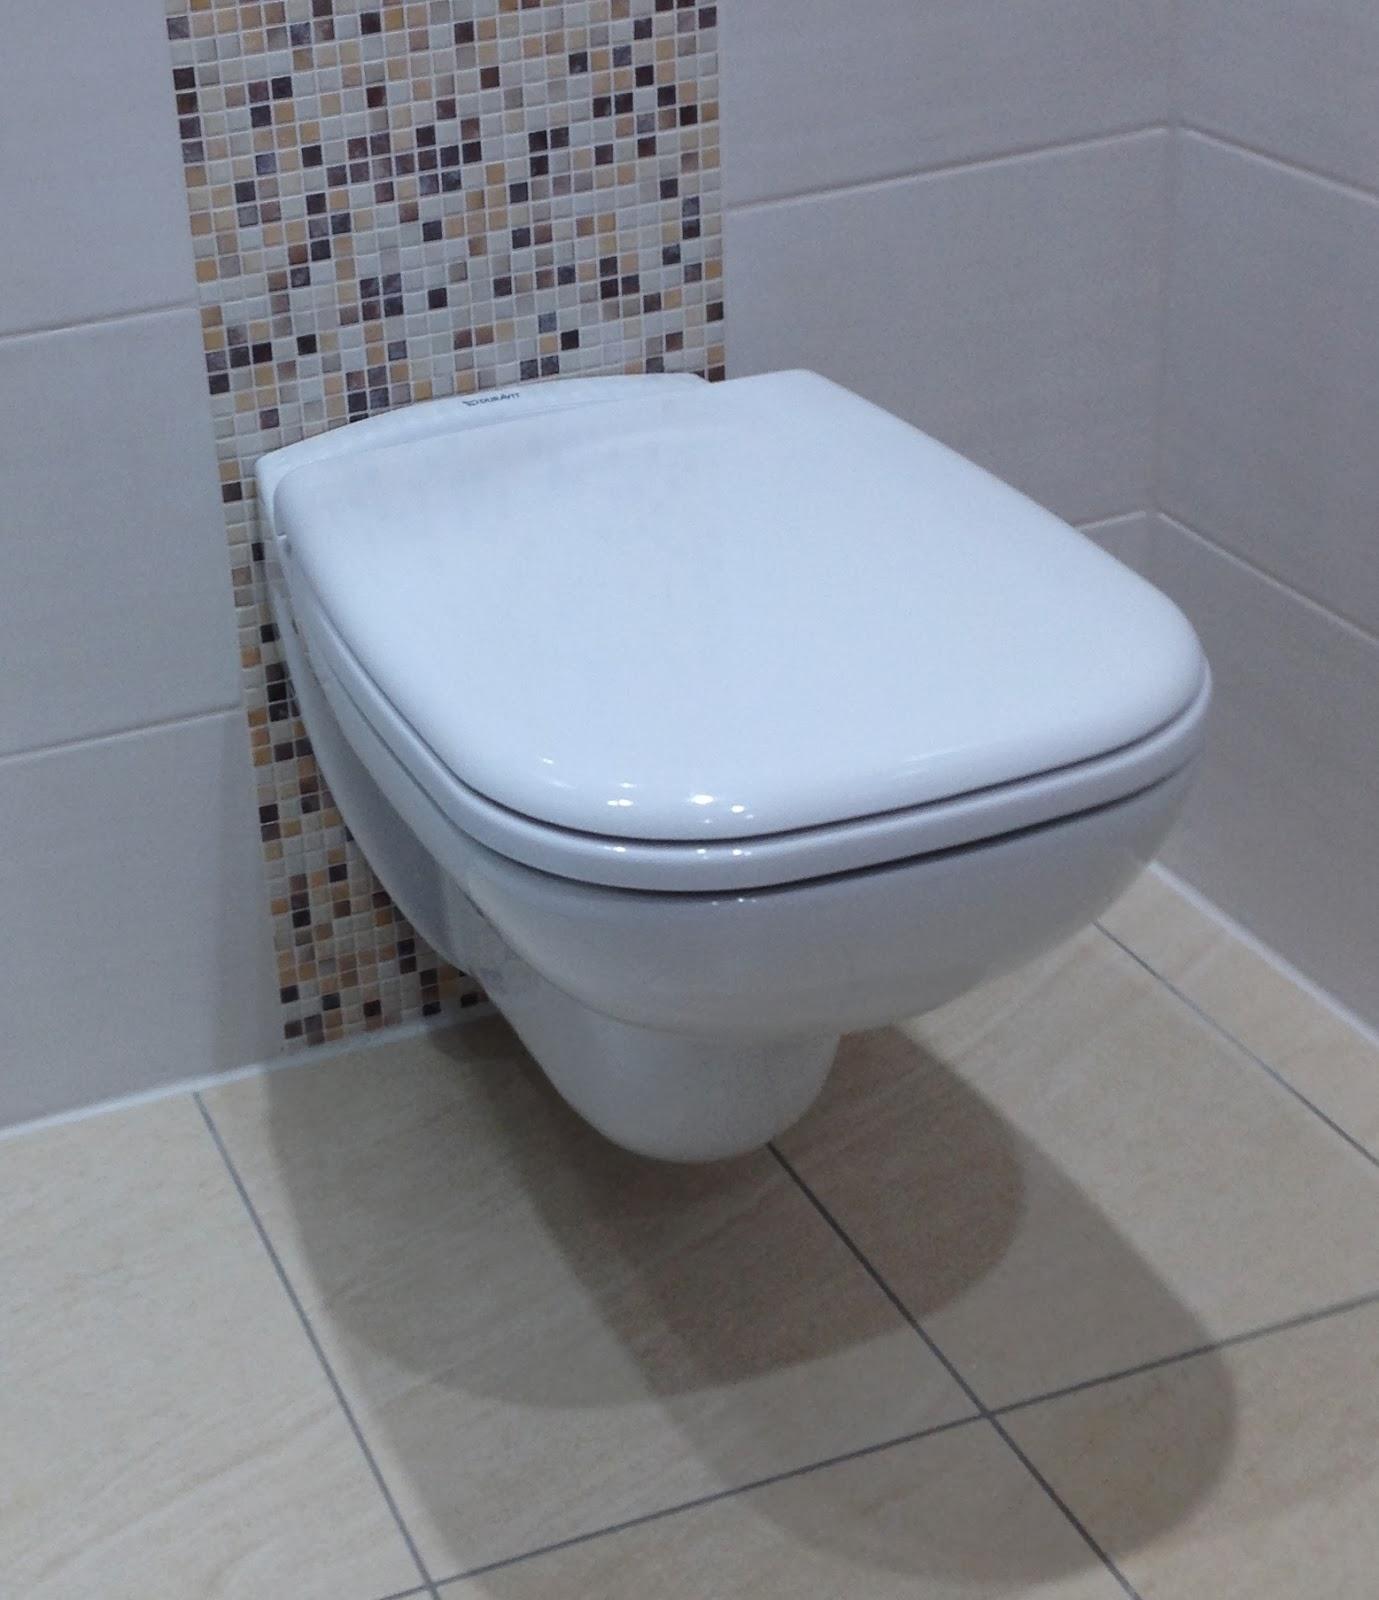 Ikea Alang Floor Lamp Nickel Plated Gray ~ duravit d code ikea godmorgon waschtischunterschrank godmorgon